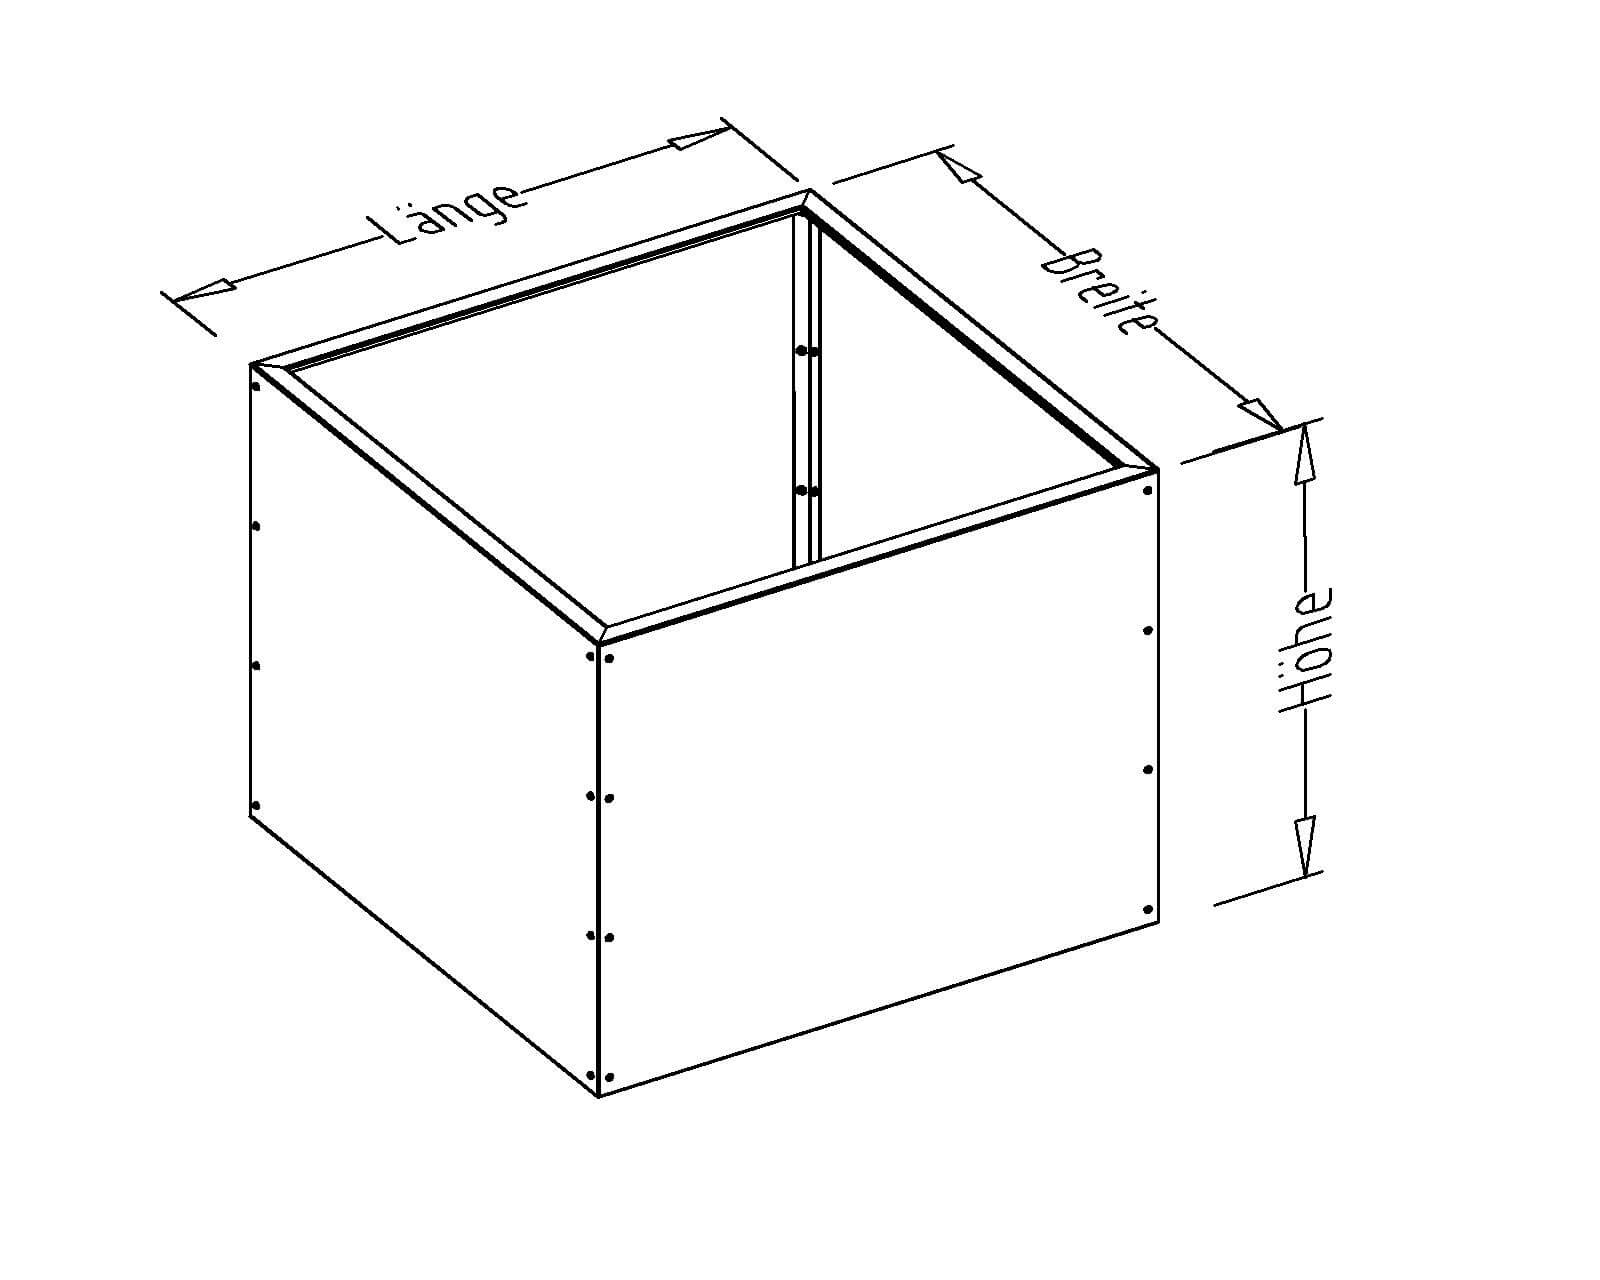 Prima Terra Edelrost Hochbeet Aus Metall Als Bausatz Breite 98 Cm